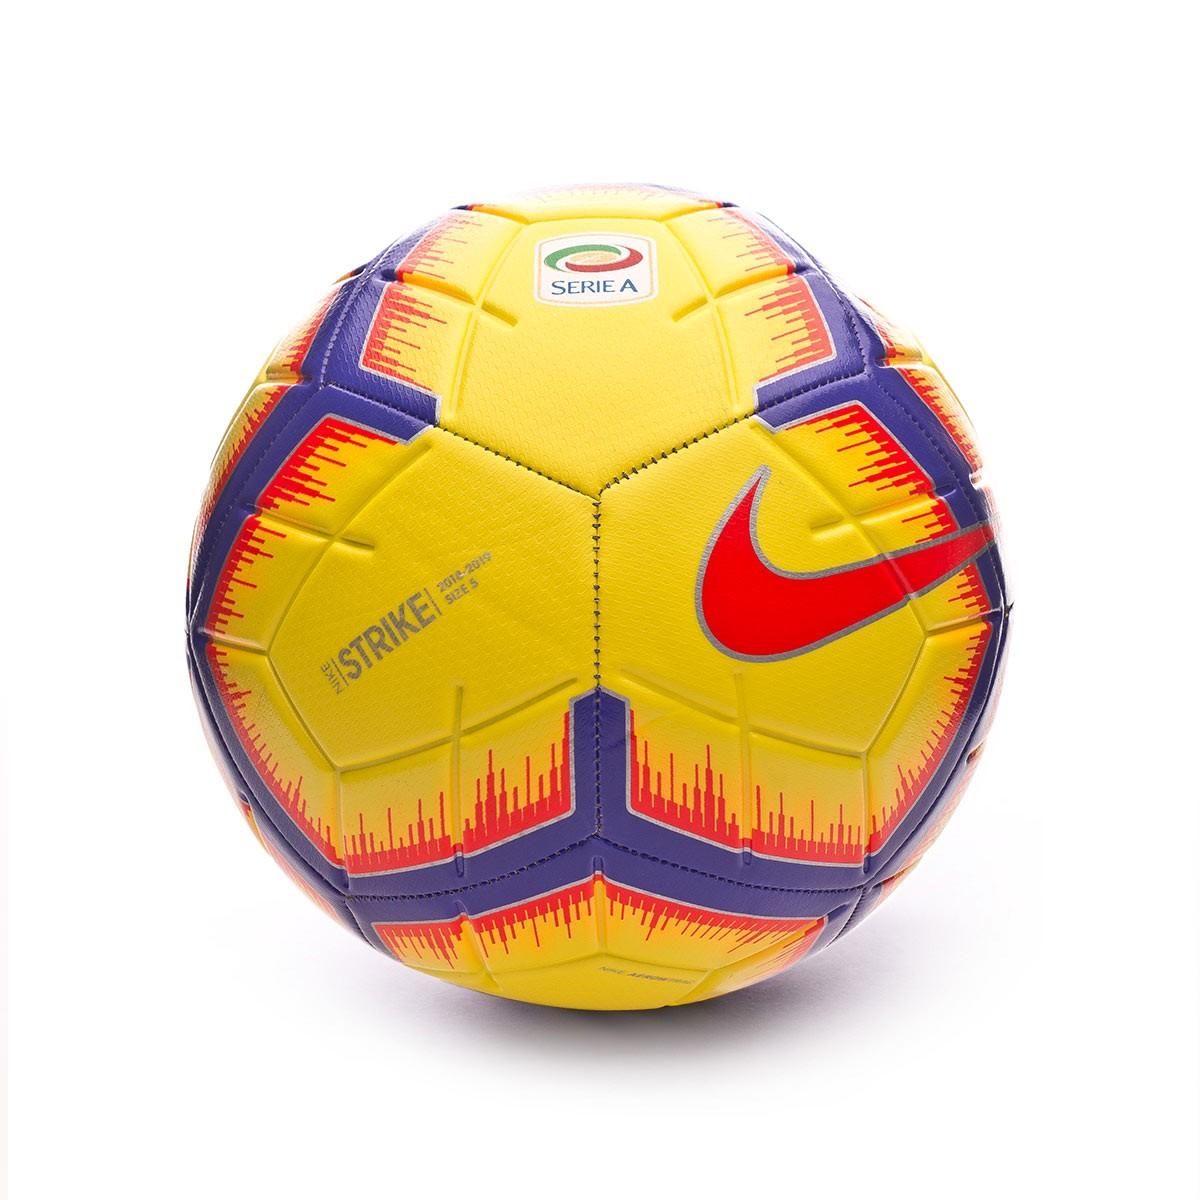 الموثوقية الجسم غداء Nike Serie A Ball Pleasantgroveumc Net